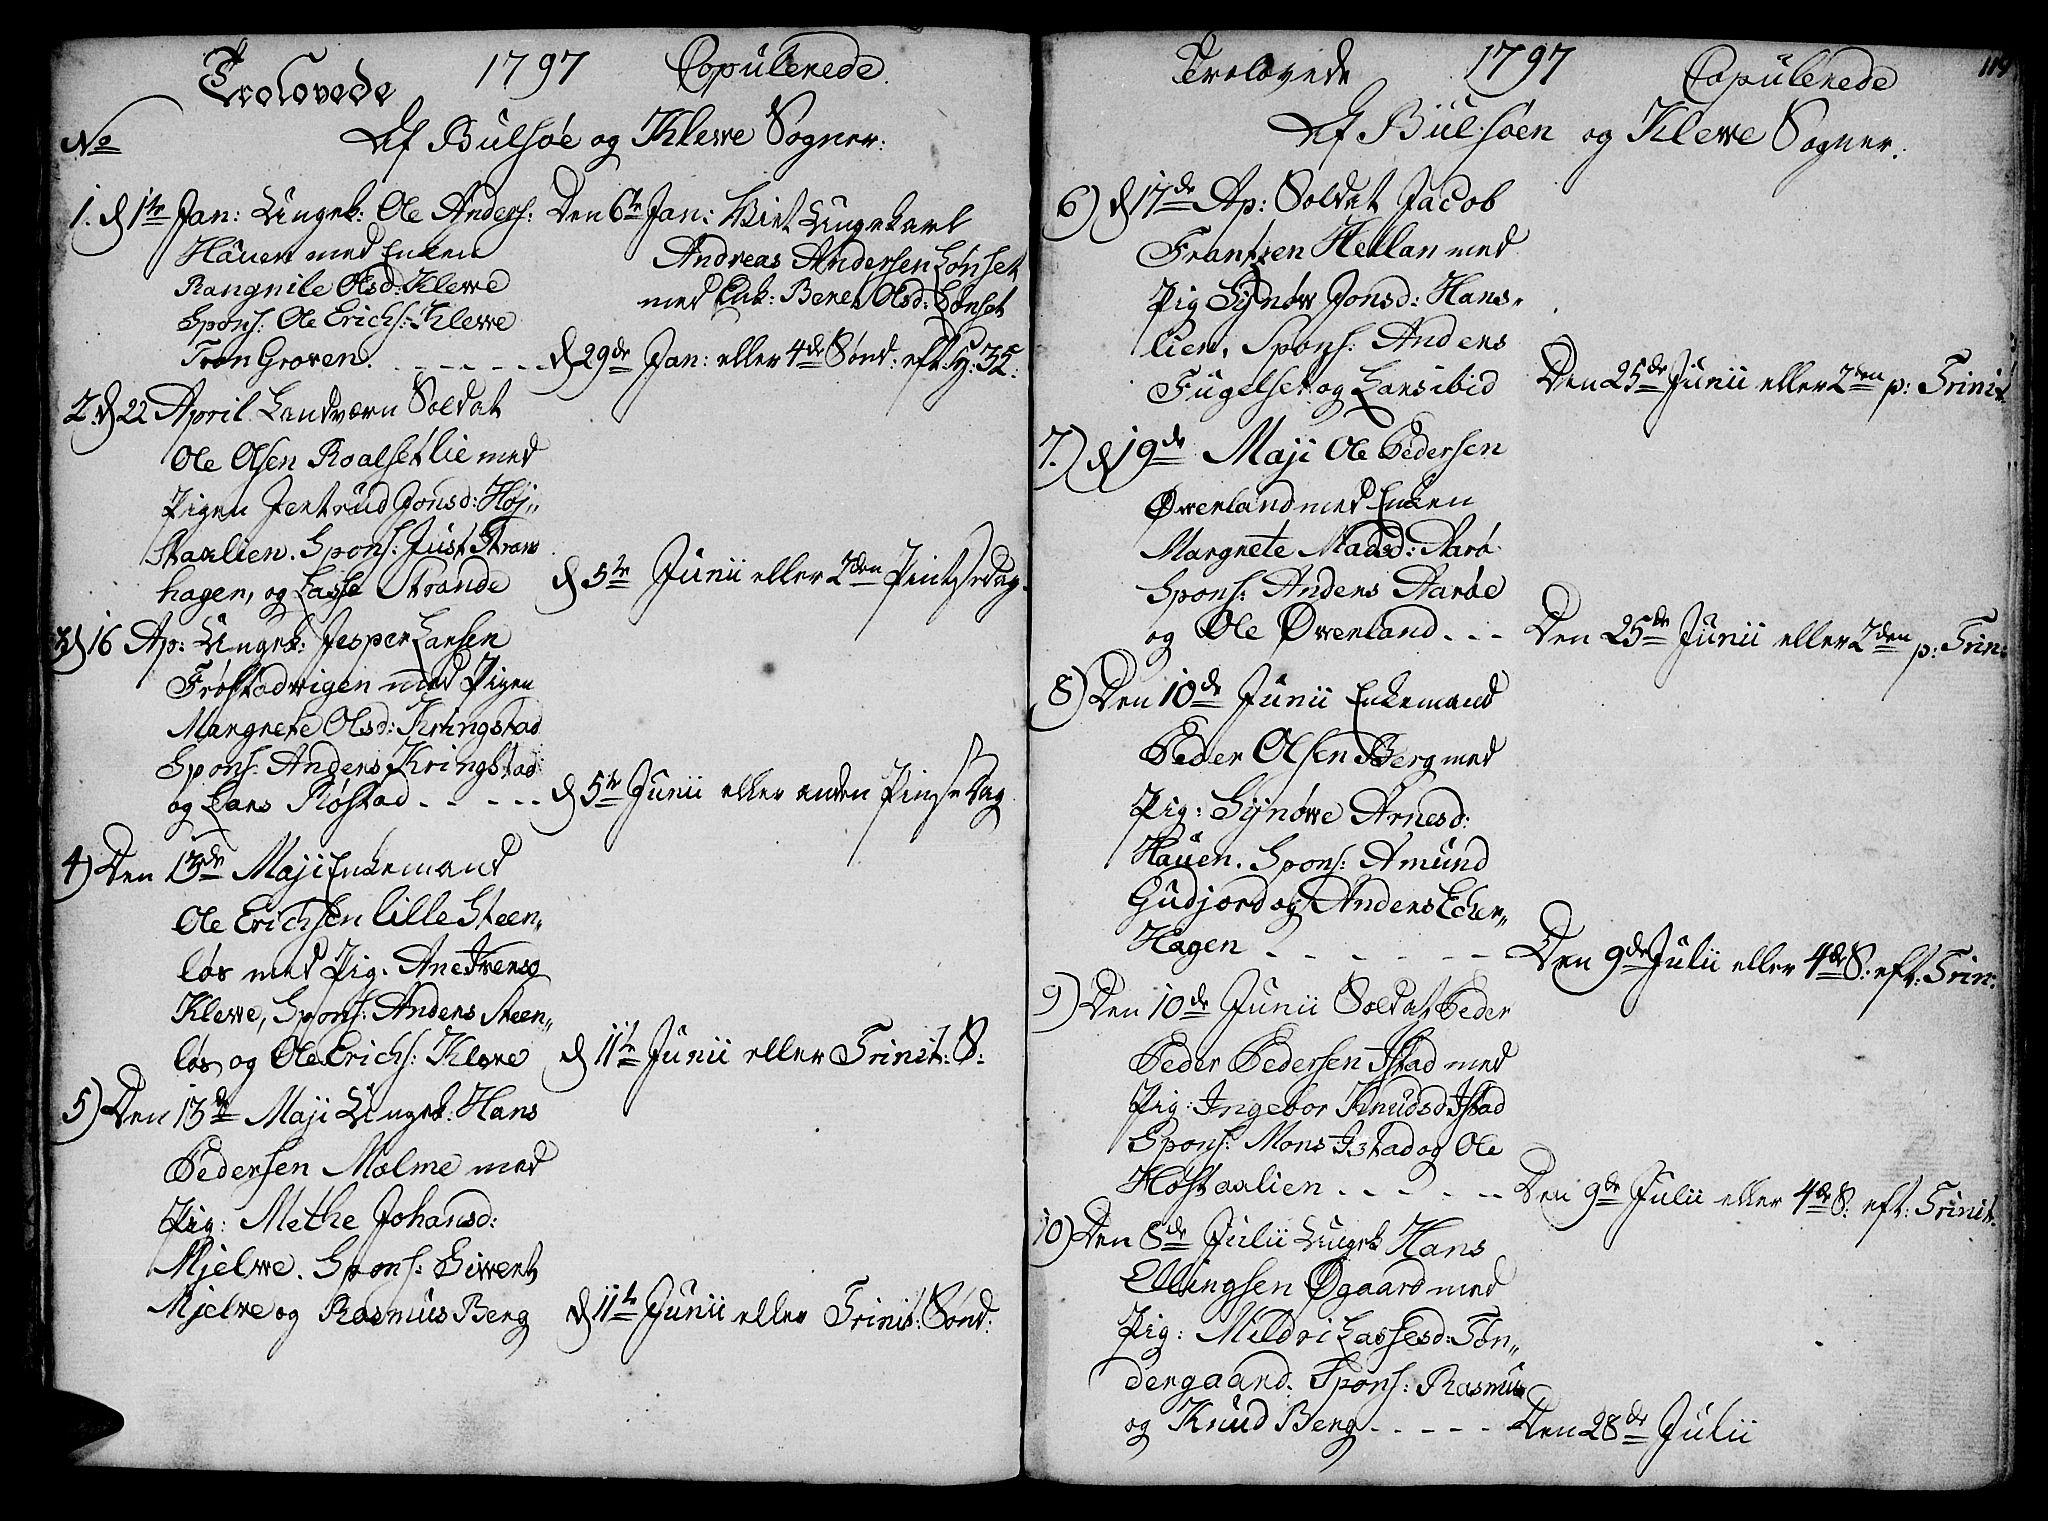 SAT, Ministerialprotokoller, klokkerbøker og fødselsregistre - Møre og Romsdal, 555/L0649: Ministerialbok nr. 555A02 /1, 1795-1821, s. 119